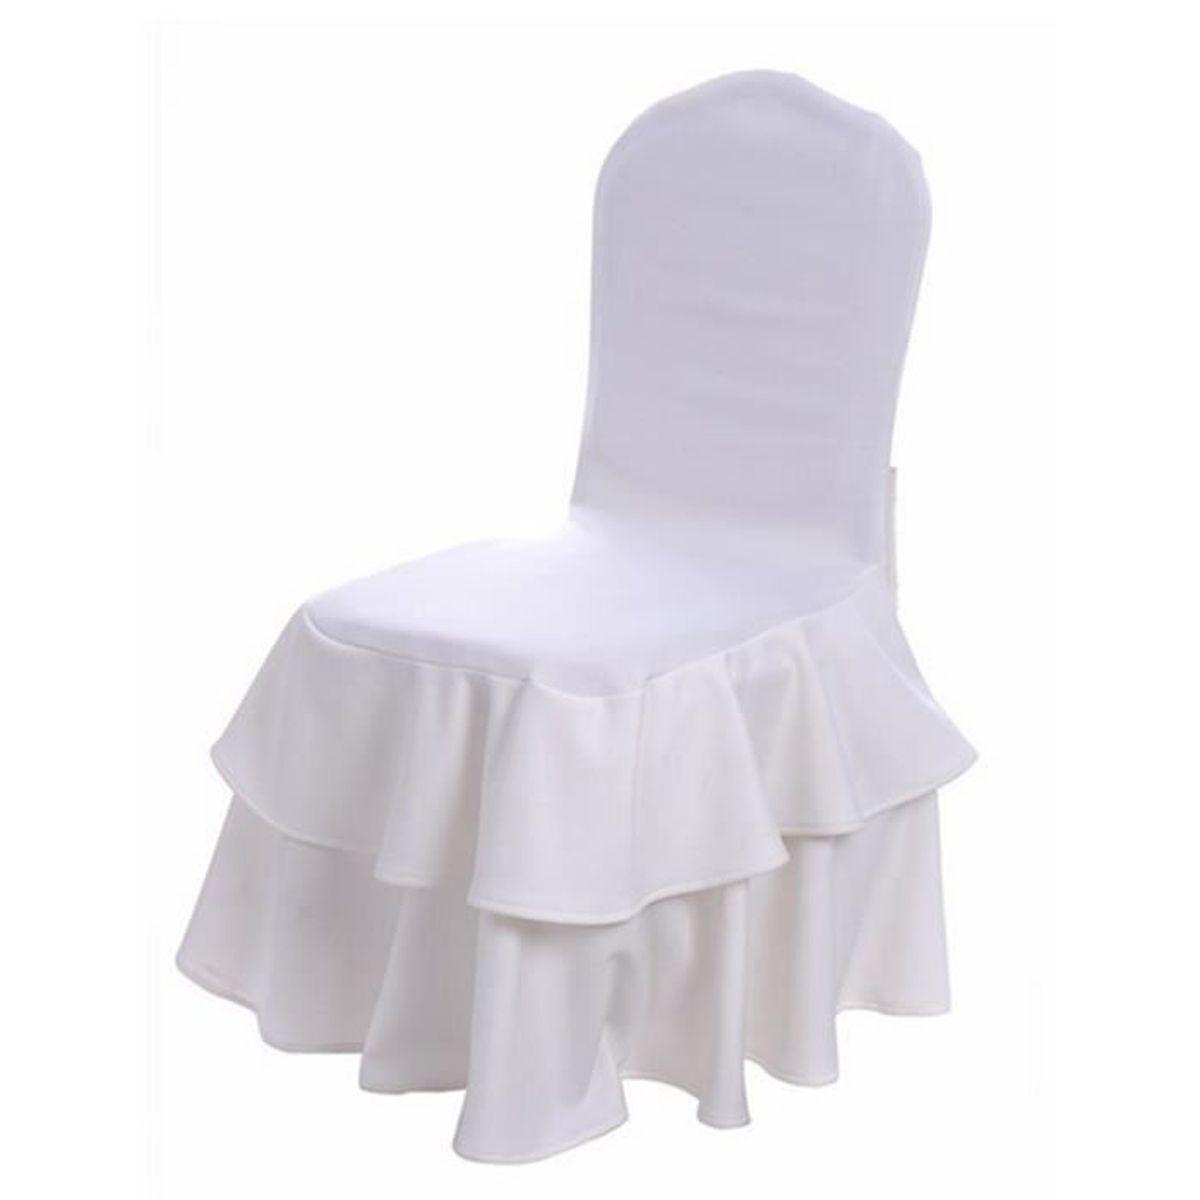 Chaise fourreaux lastique chaise slipcovers spandex pour for Housse de chaise beige